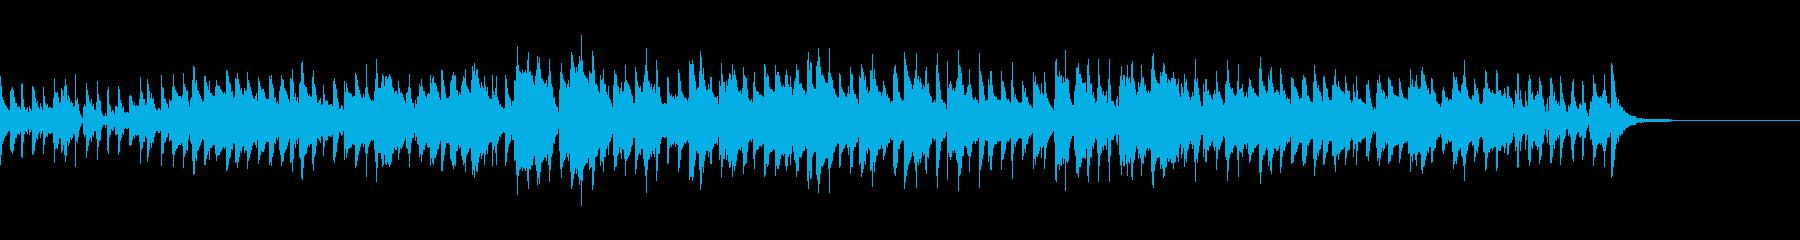 軽快なオールド・ジャズ風のナンバーの再生済みの波形